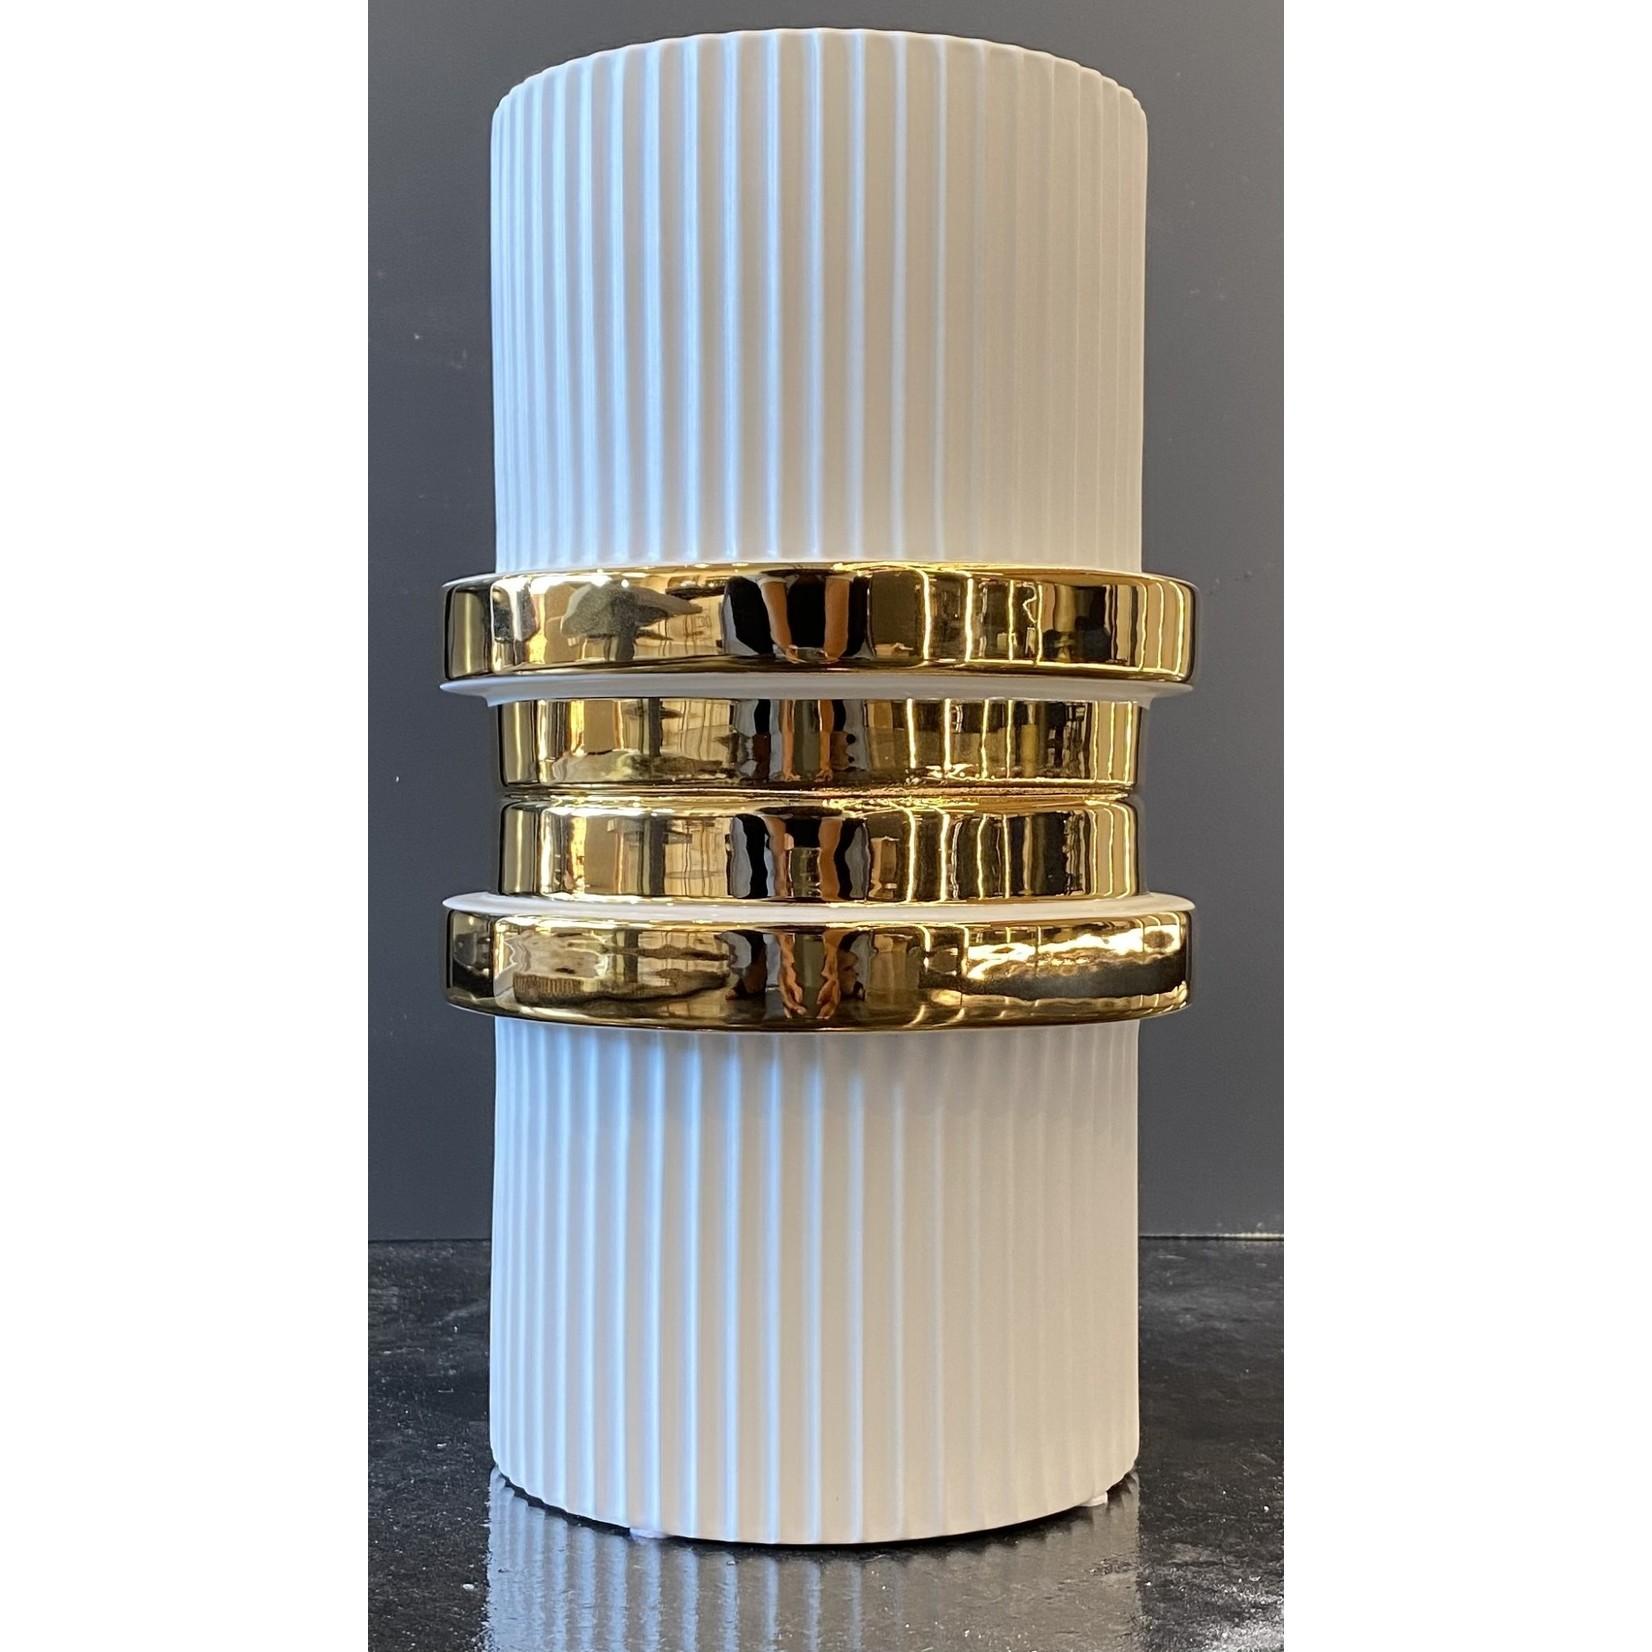 Byfly Lush Small Vase